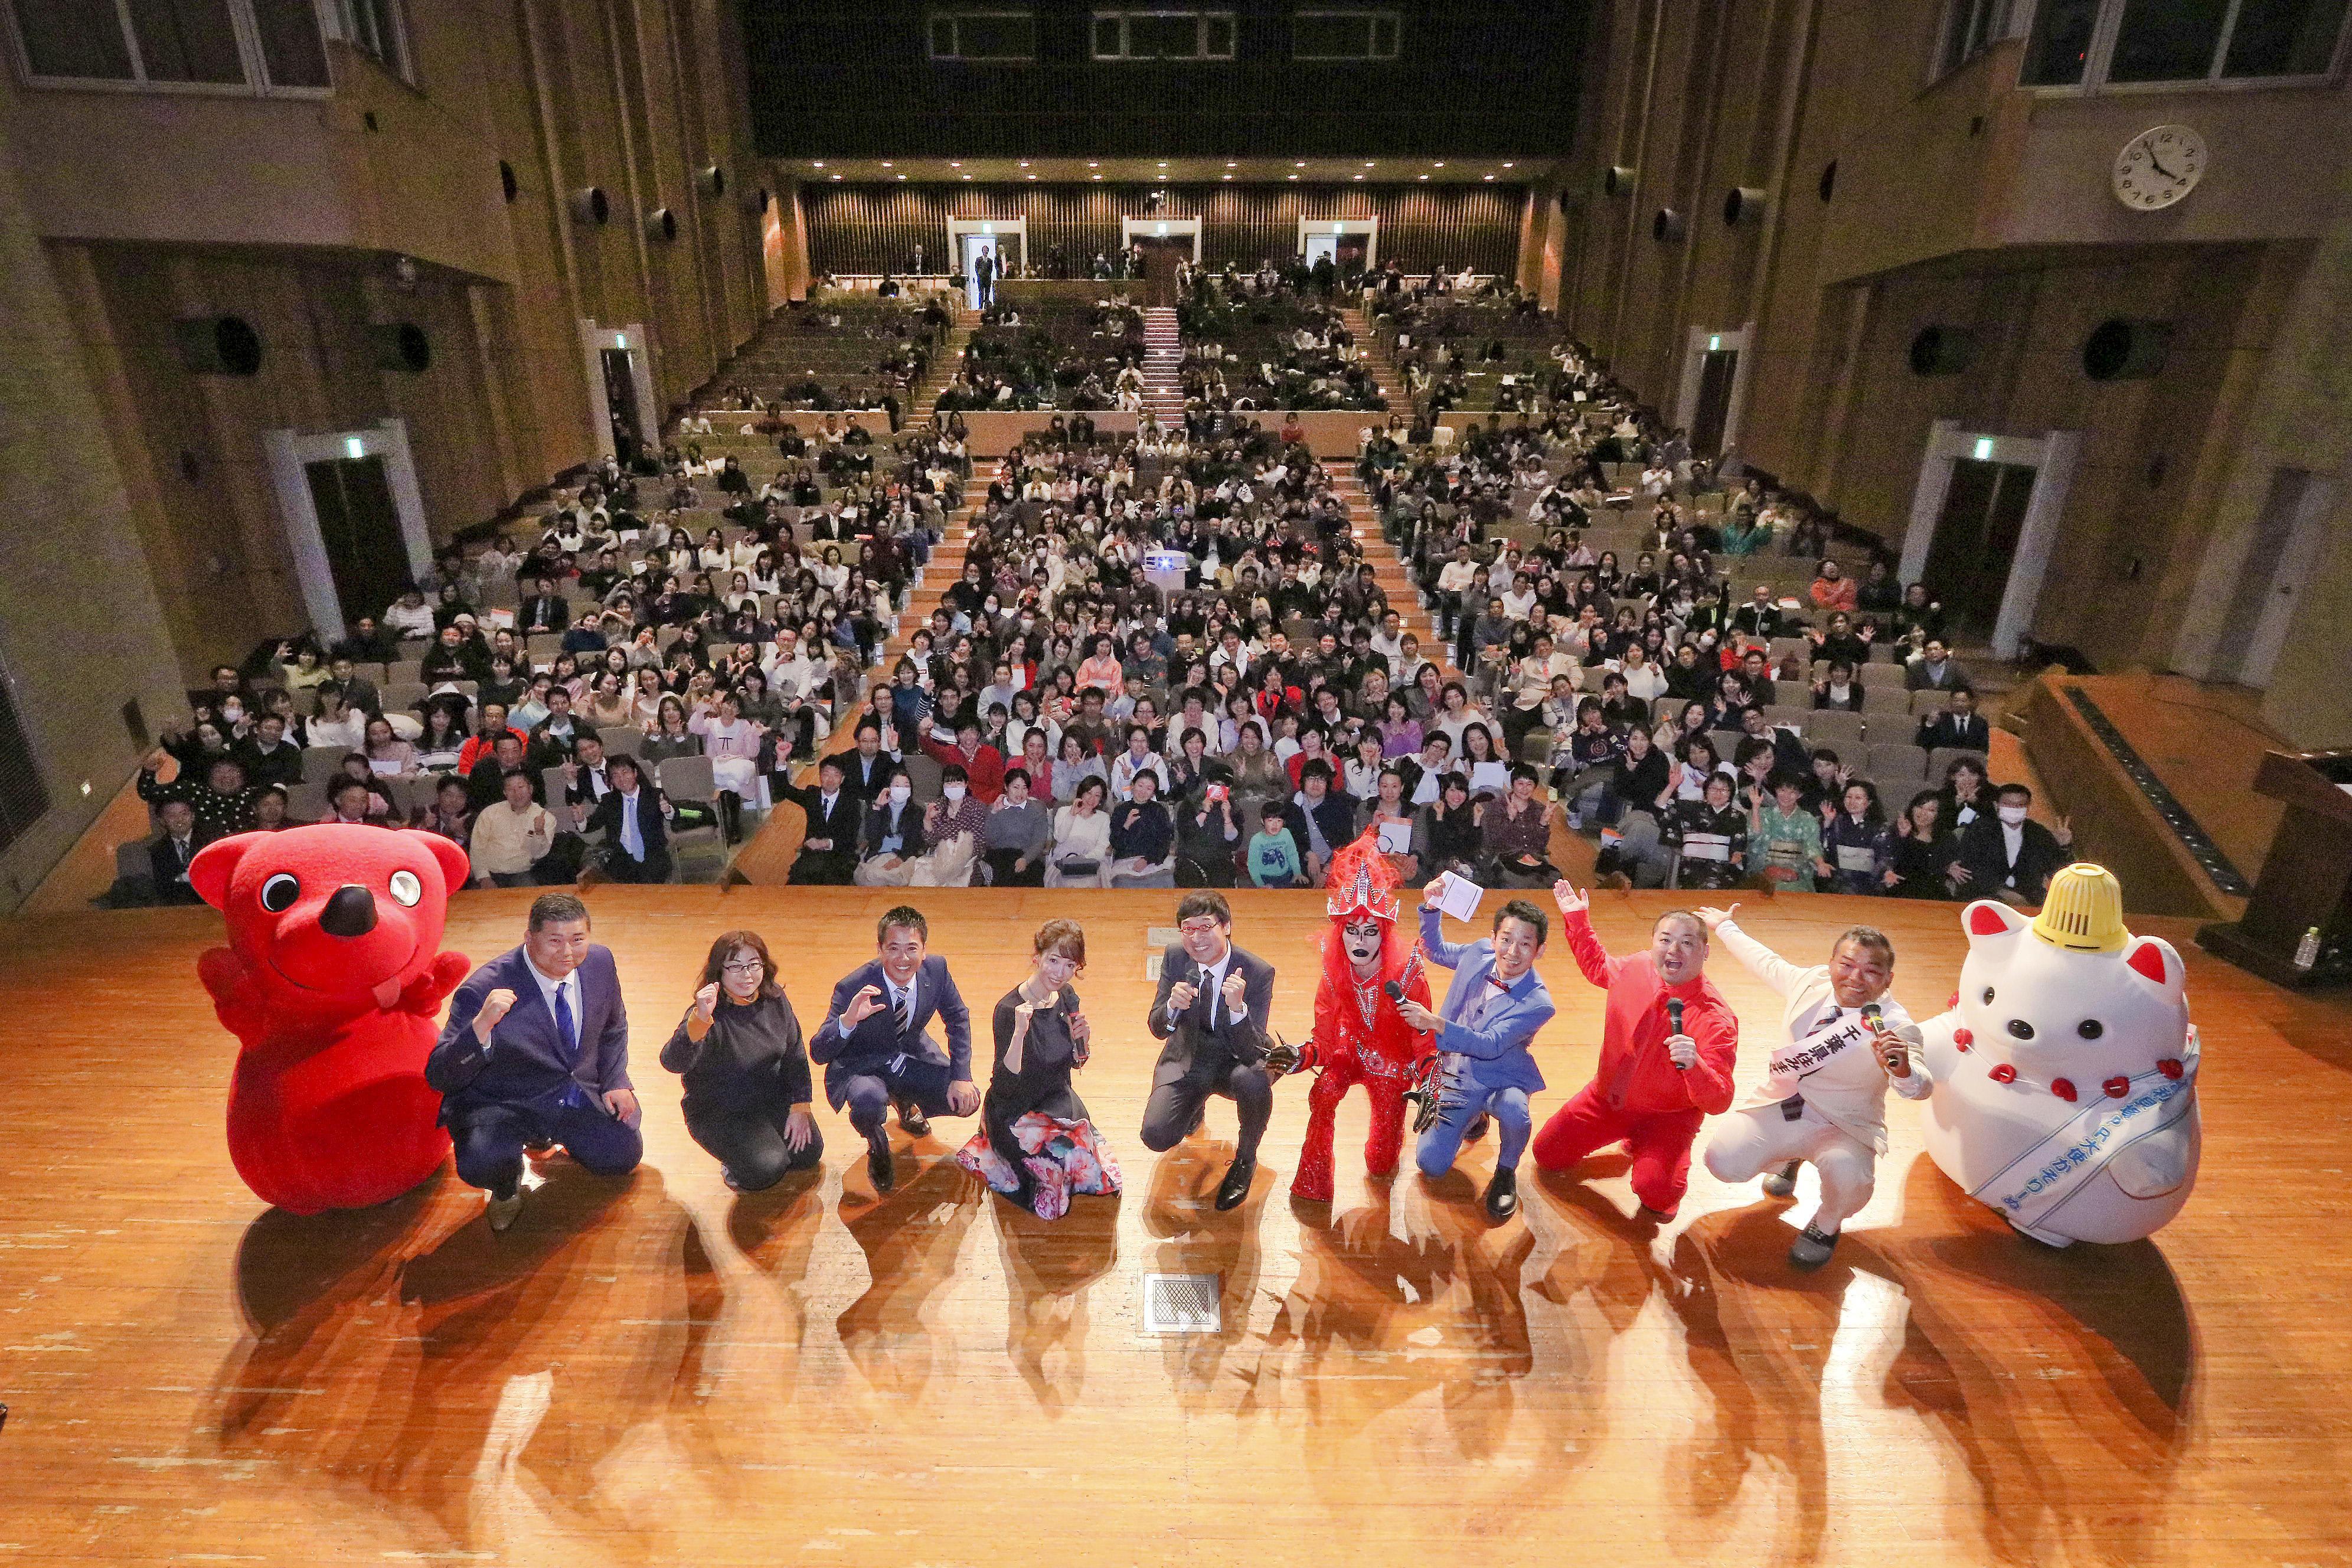 http://news.yoshimoto.co.jp/20190106215917-8acd7644be1abf086bcb5ed8c172a12f9ea023d8.jpg